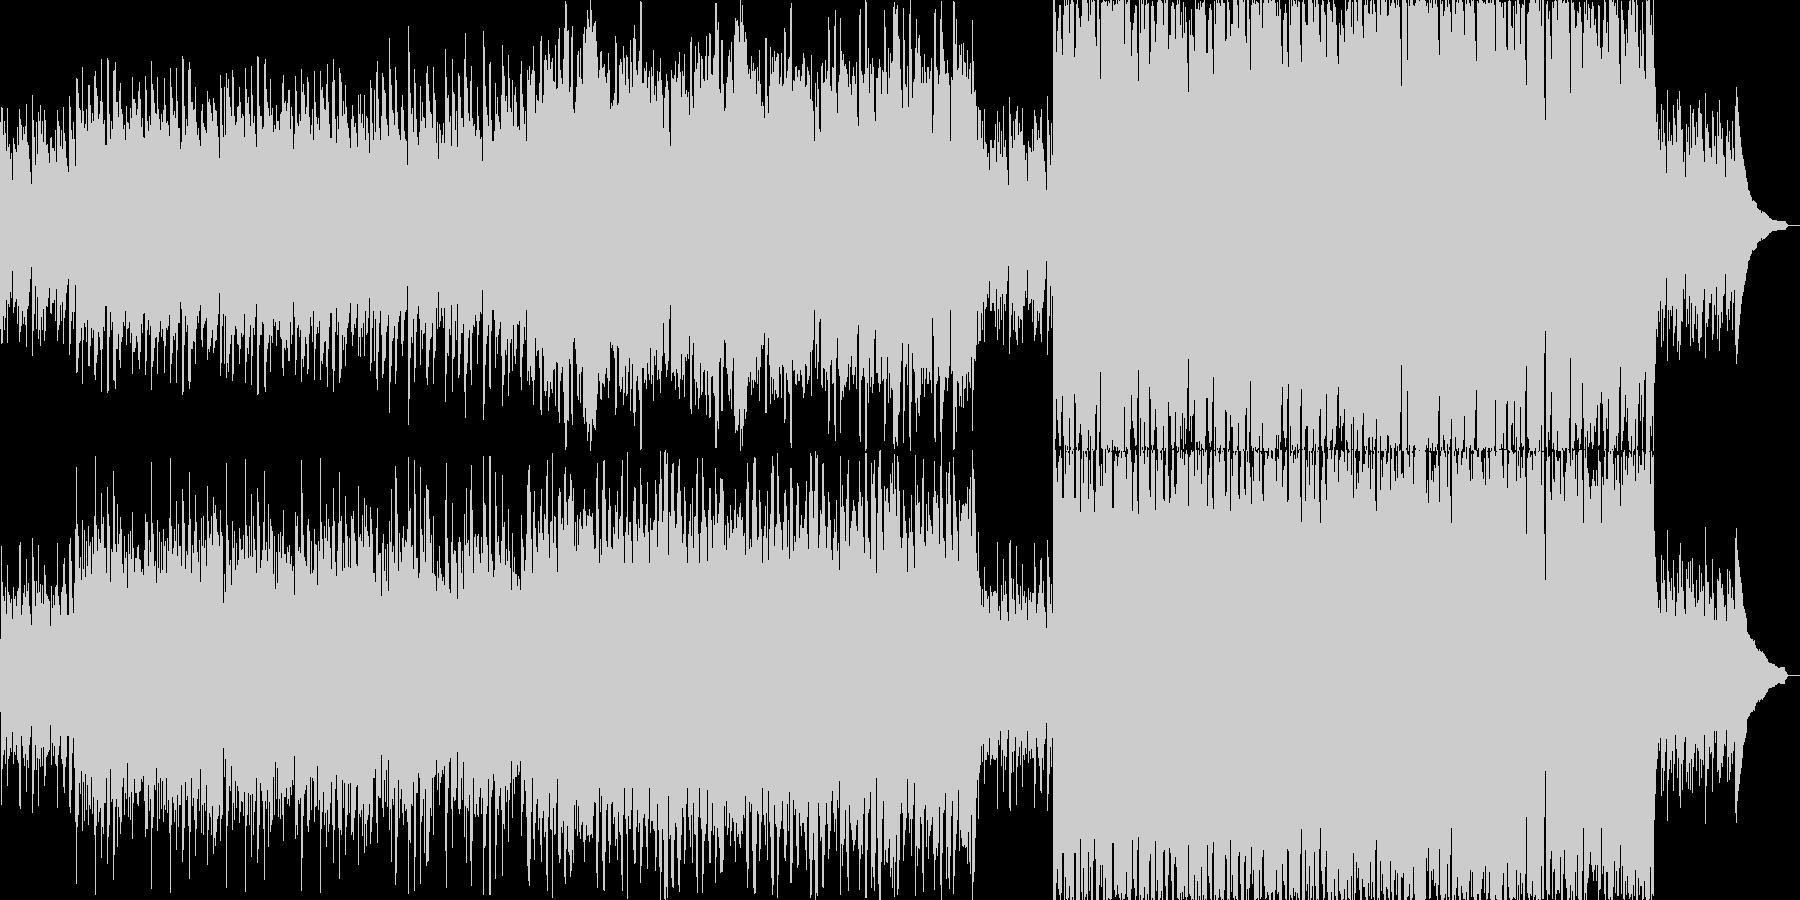 短調のジグ(アイルランド舞曲)の未再生の波形